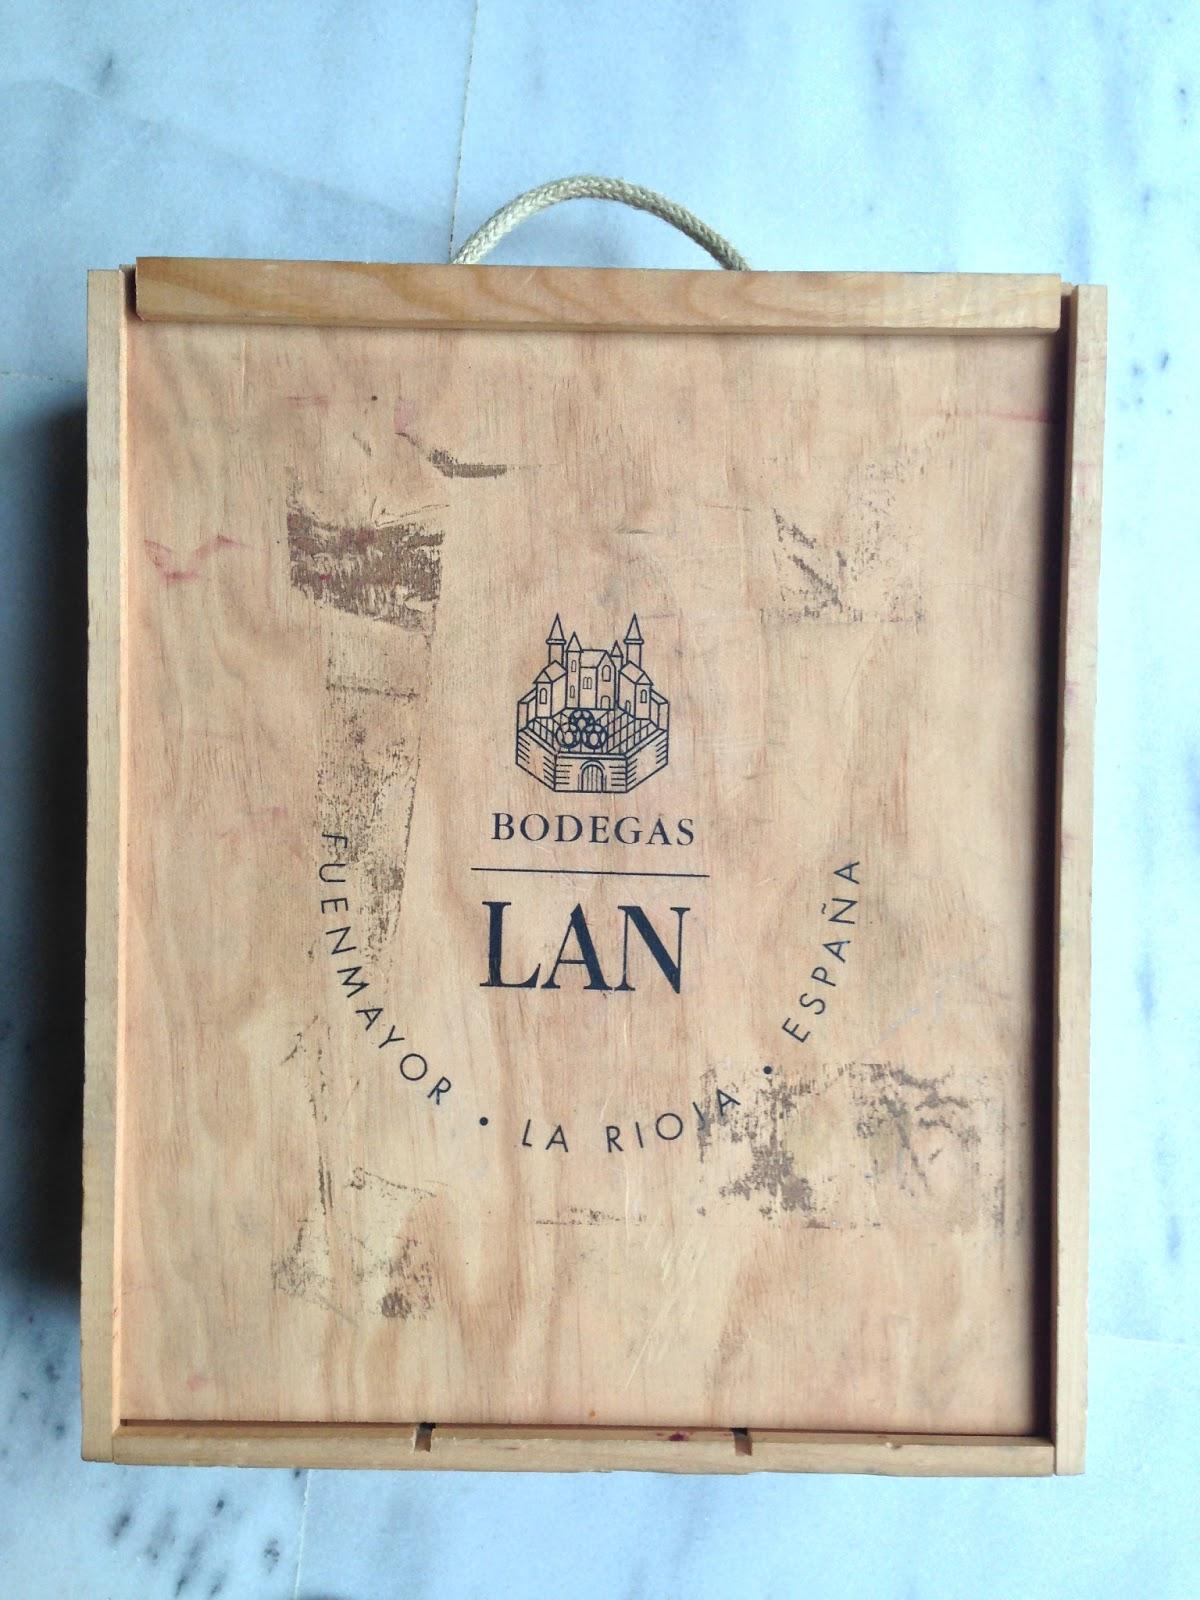 las cajas de vino o champagne dan mucho juego suelen ser de madera con un cierre curioso y su acabado es decente en poca de navidad se suelen ver muchas